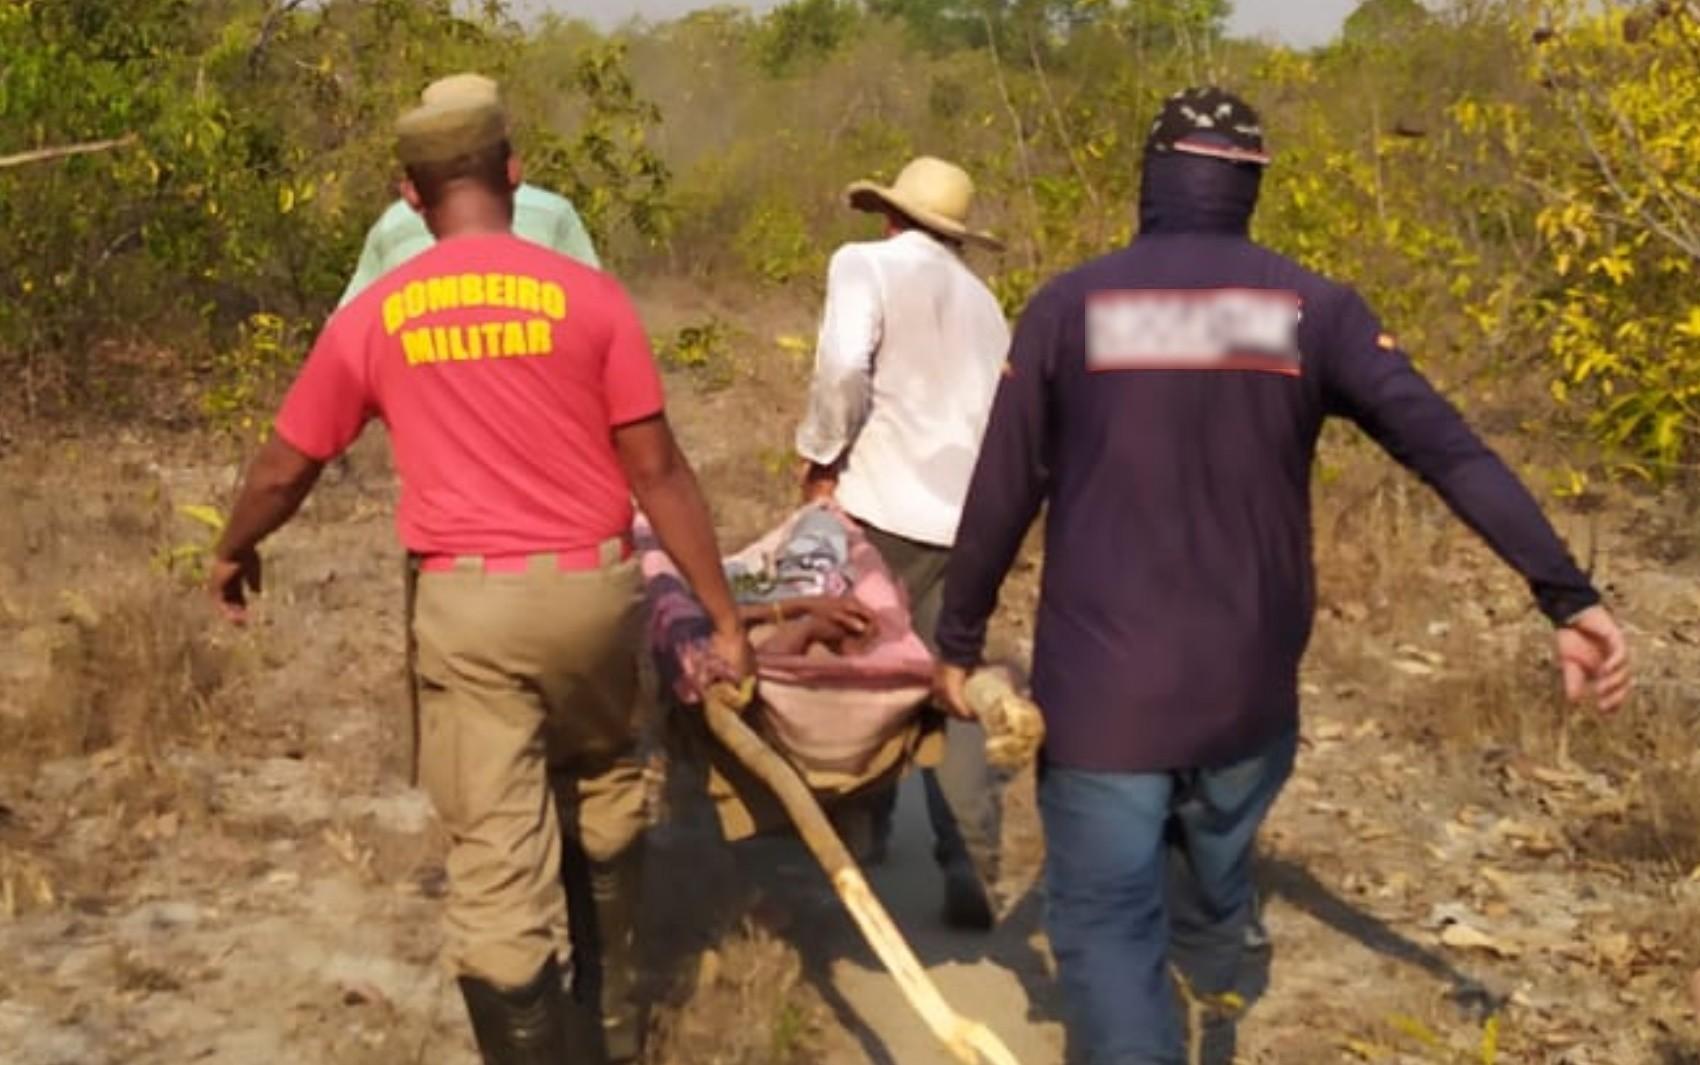 Após 30 horas desaparecida, idosa é achada em mata a mais de 15 km de distância de onde saiu para colher pequis e se perdeu